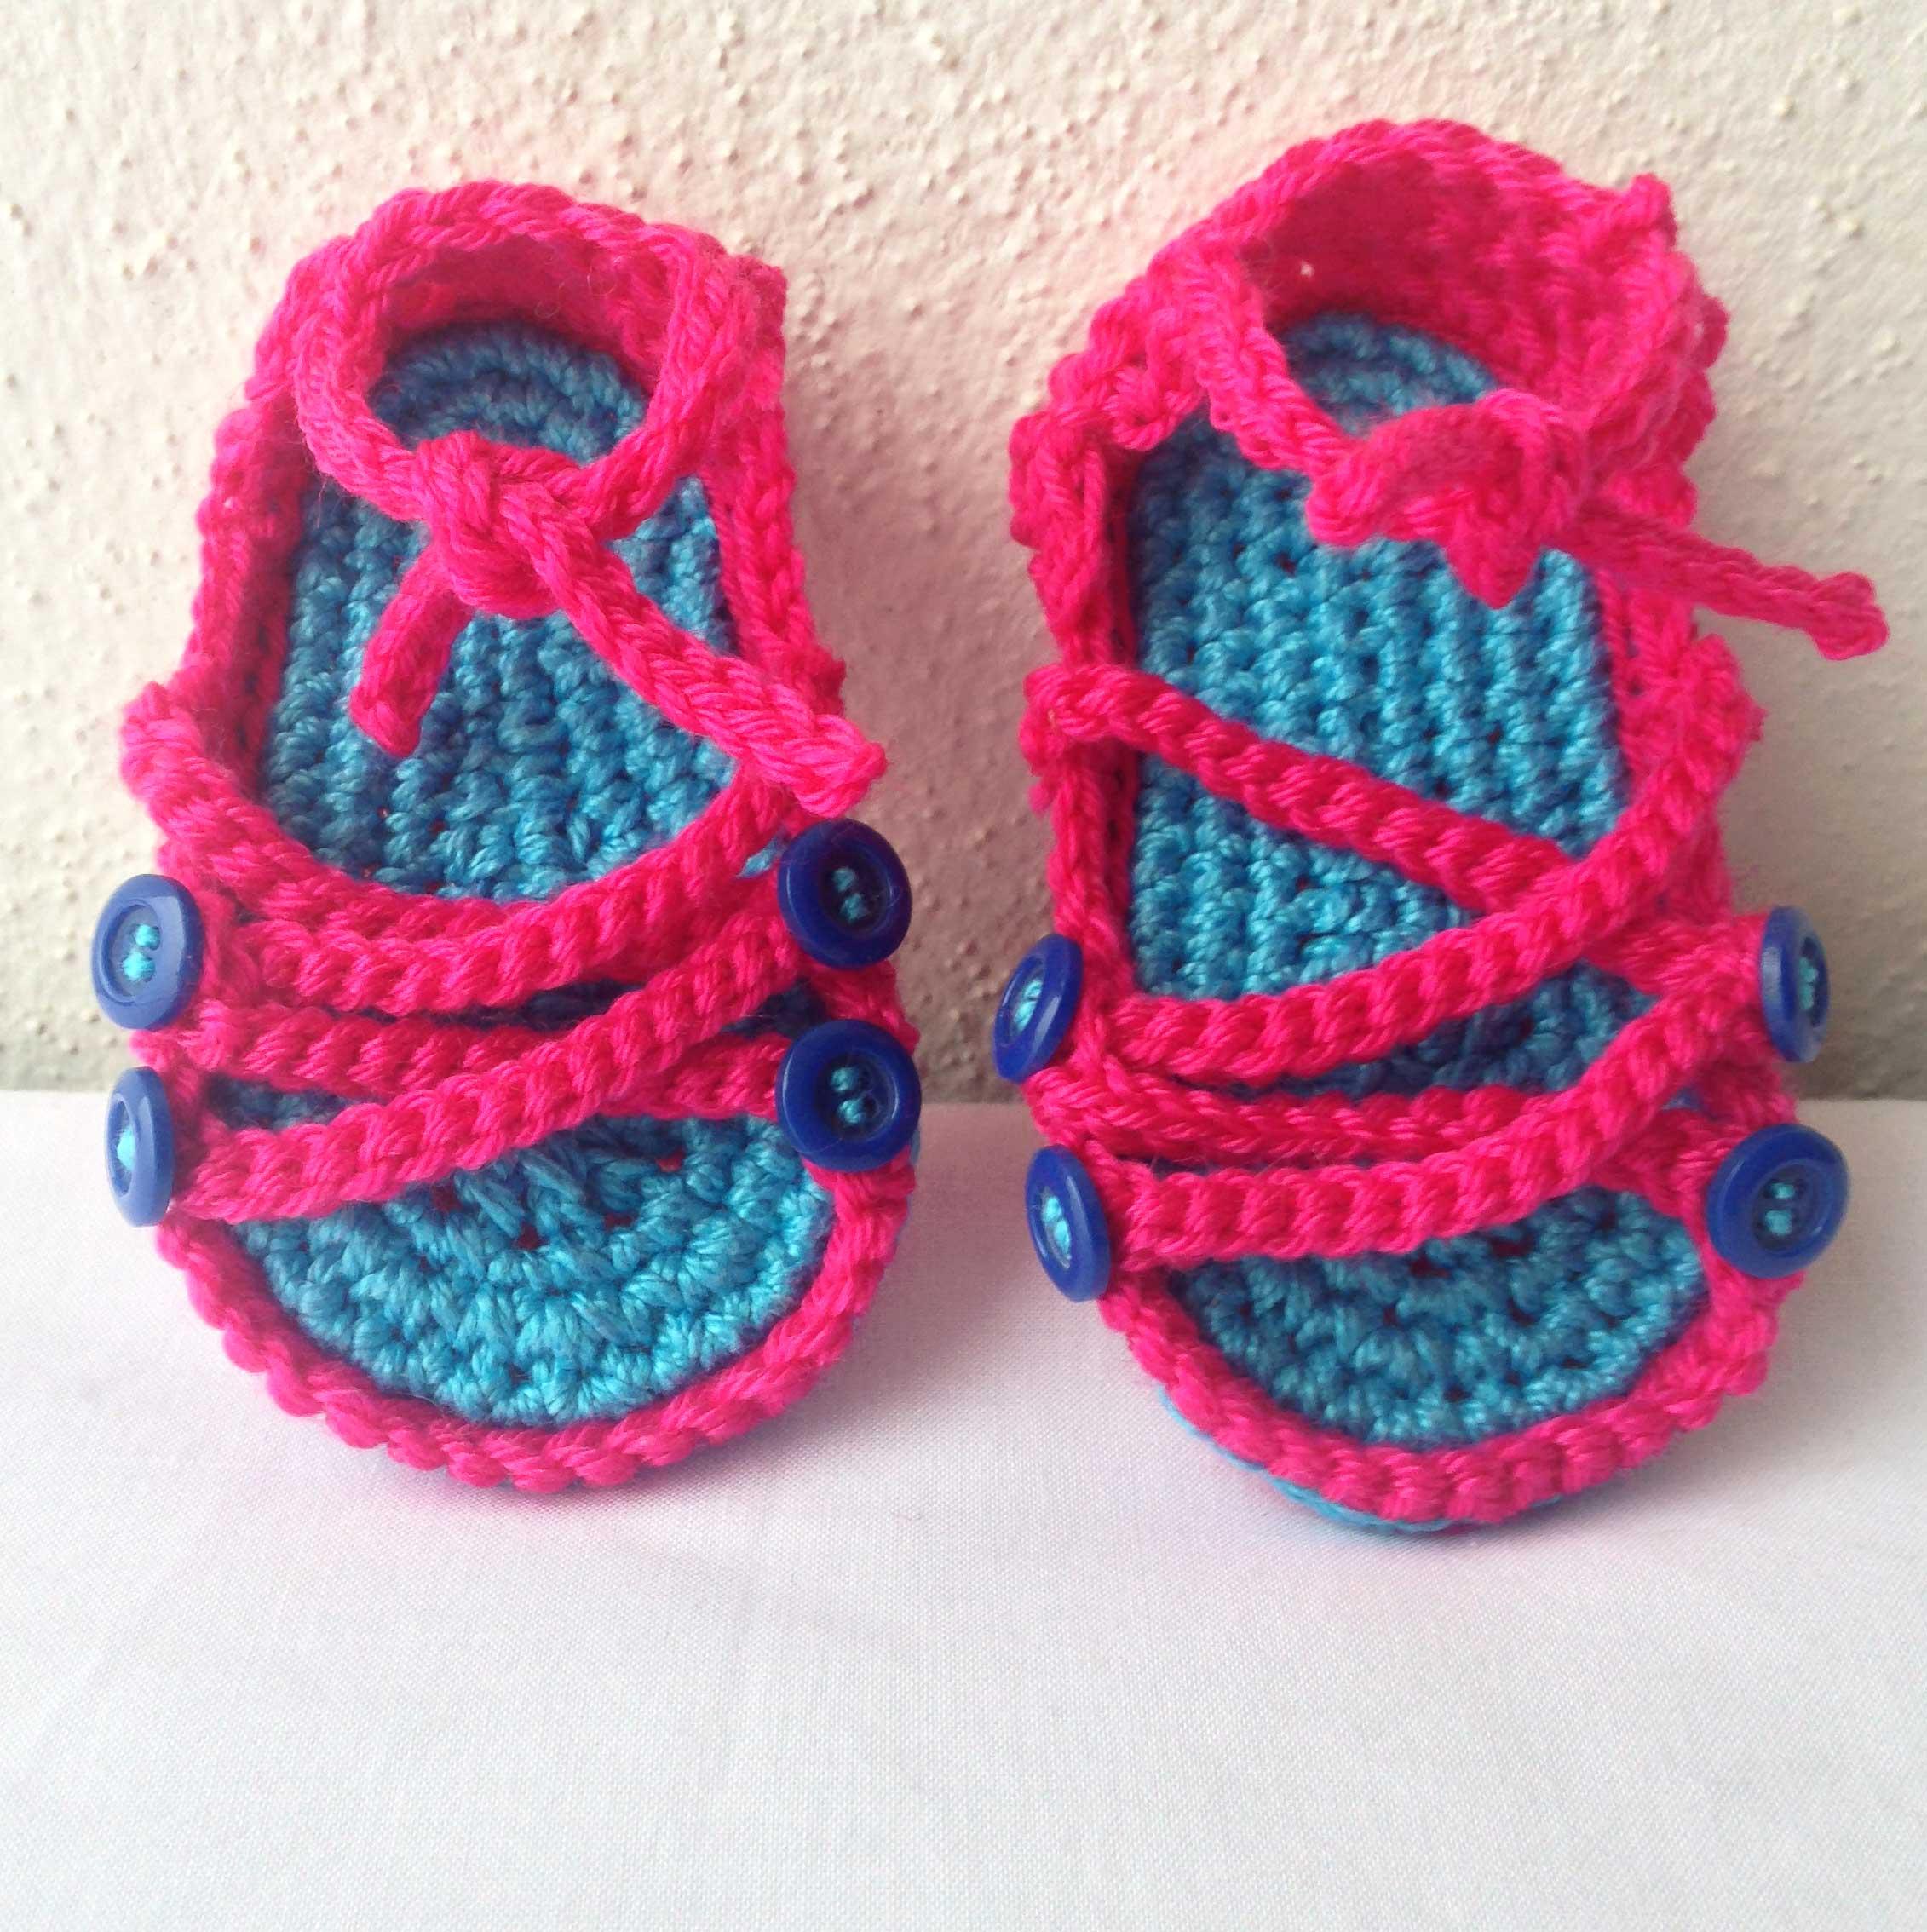 beb46e2f7 Son muchas las preferencias y los gustos a la hora de elegir unas sandalias  para los niños o bebés, por eso.